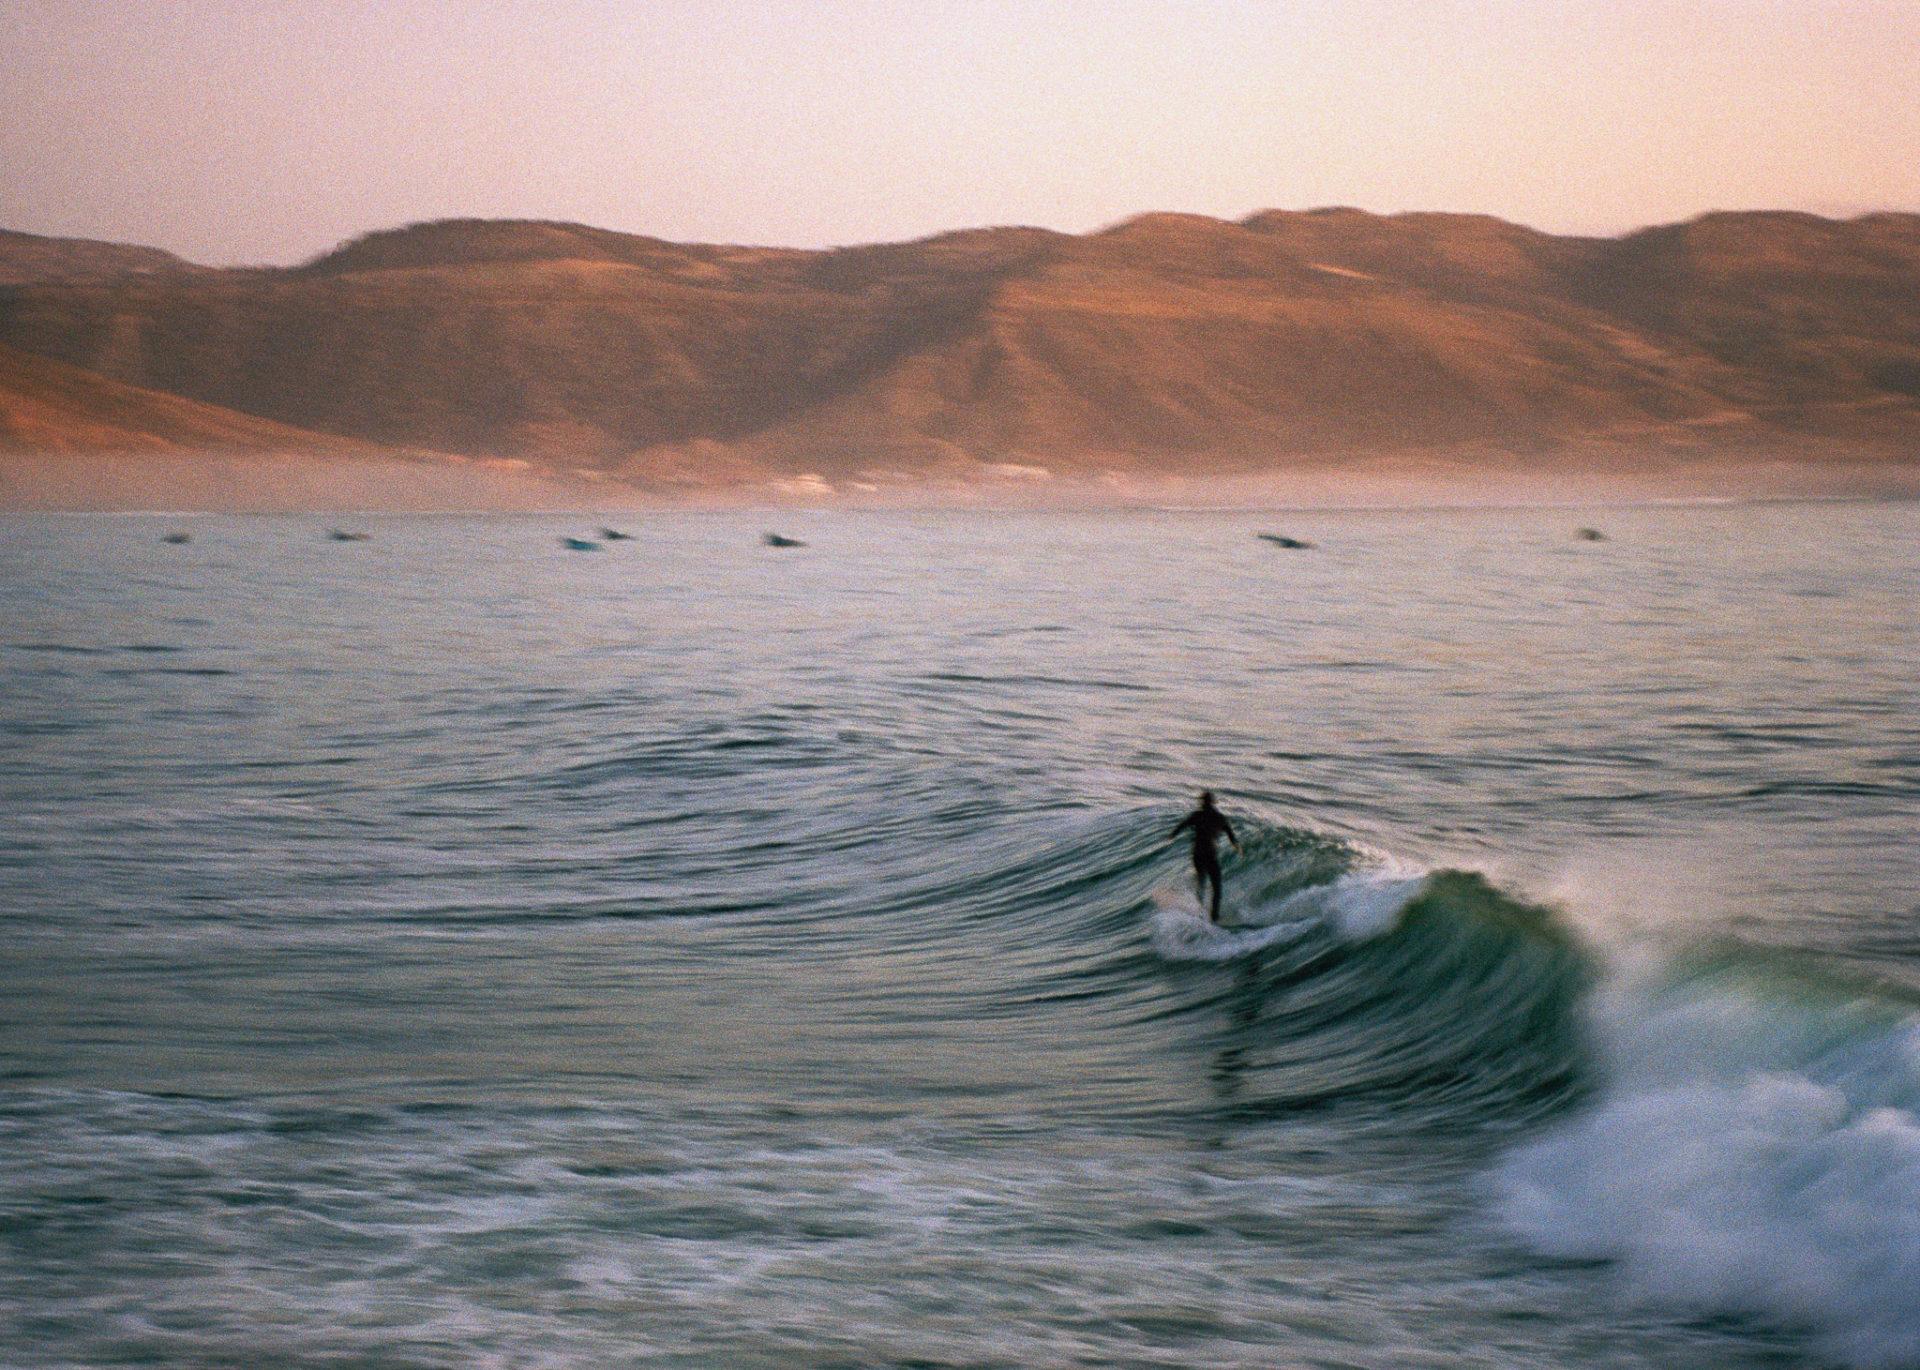 photo d'un côte avec un surfeur sur une vague